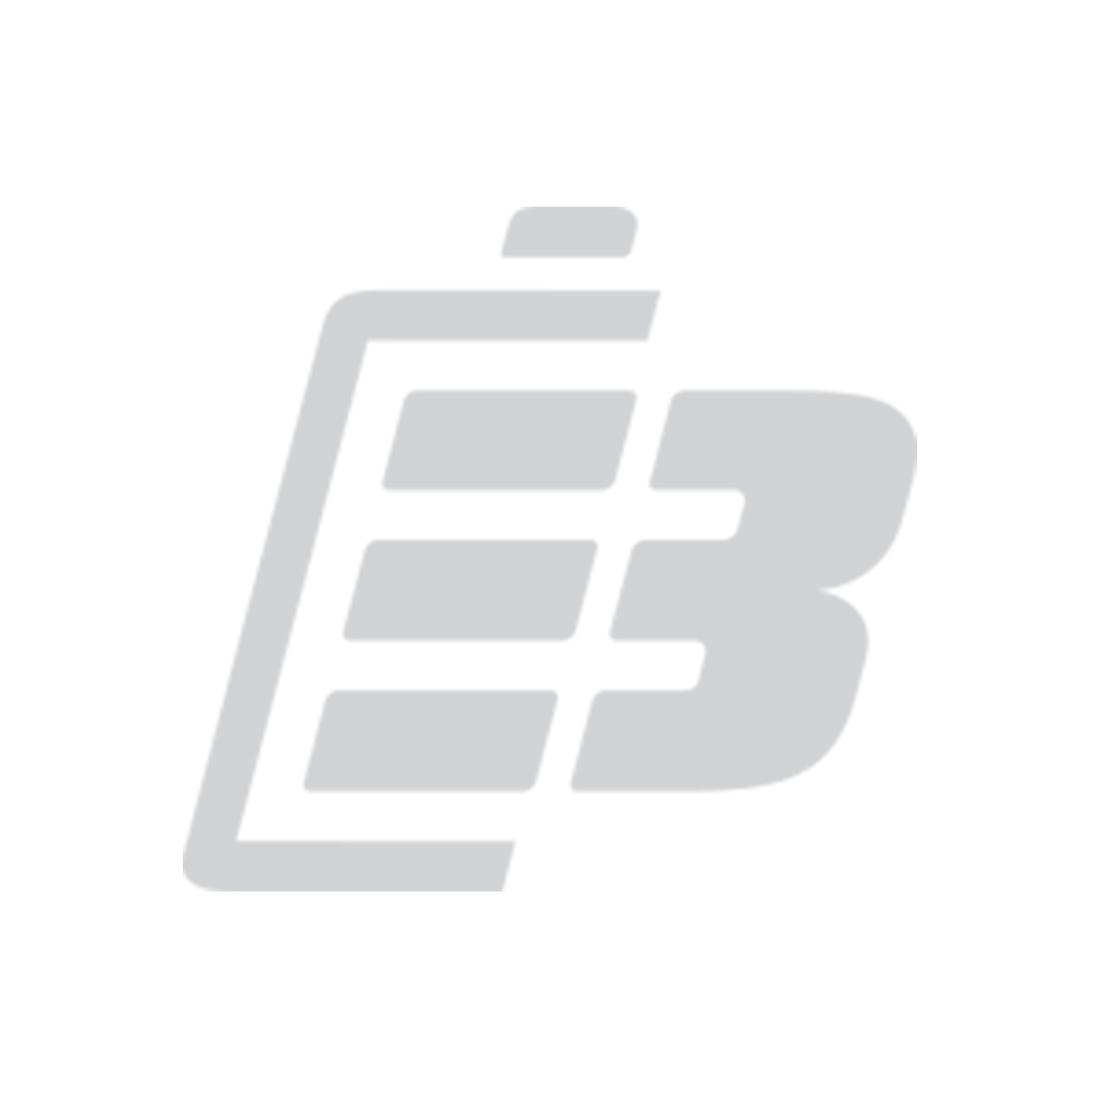 Μπαταρία GPS Becker Traffic Assist Z201_1